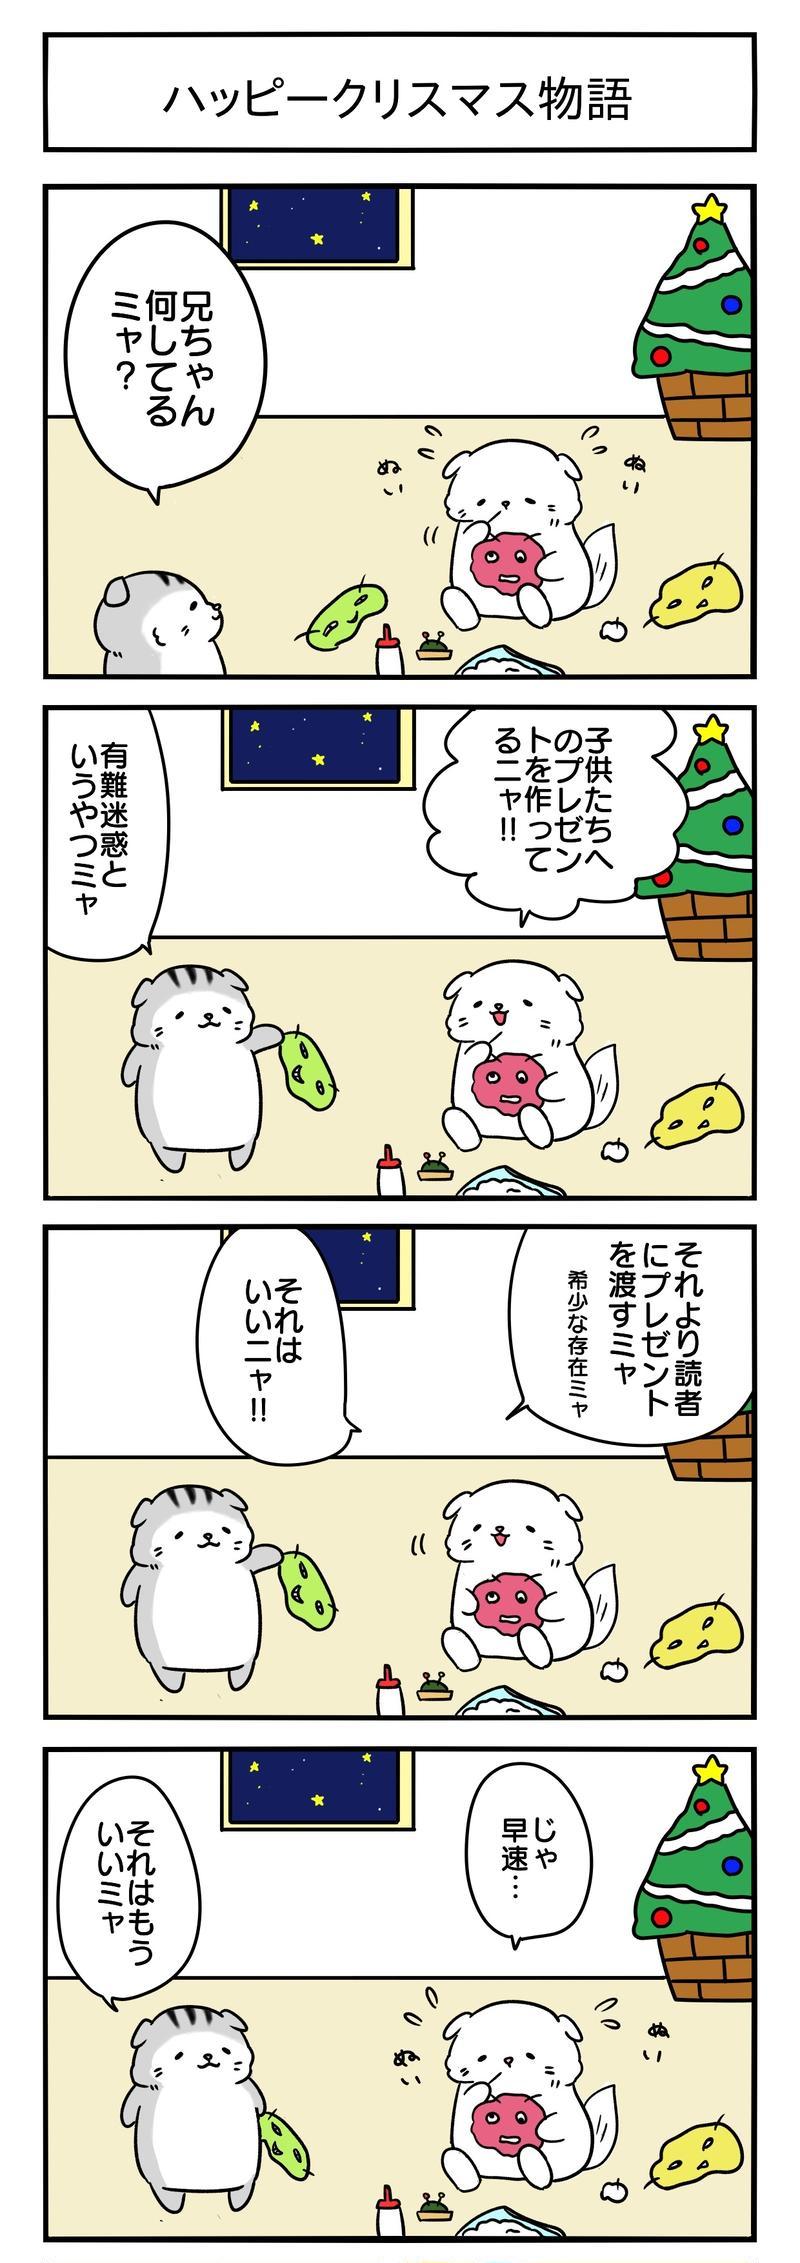 ハッピークリスマス物語